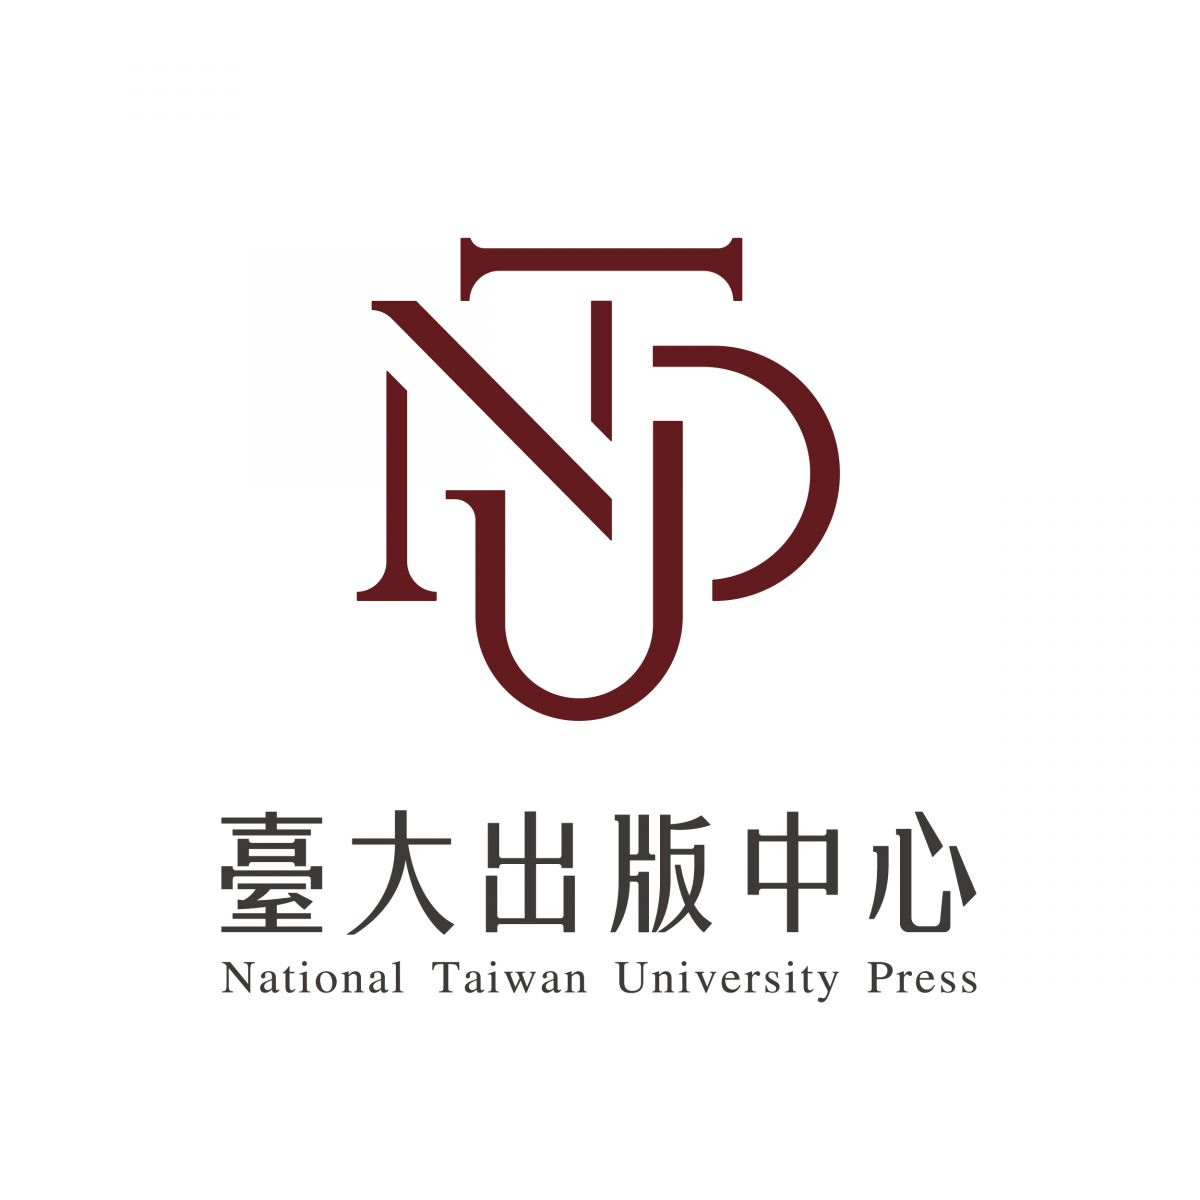 新標誌,新里程:臺大出版中心新版識別標誌正式啟用